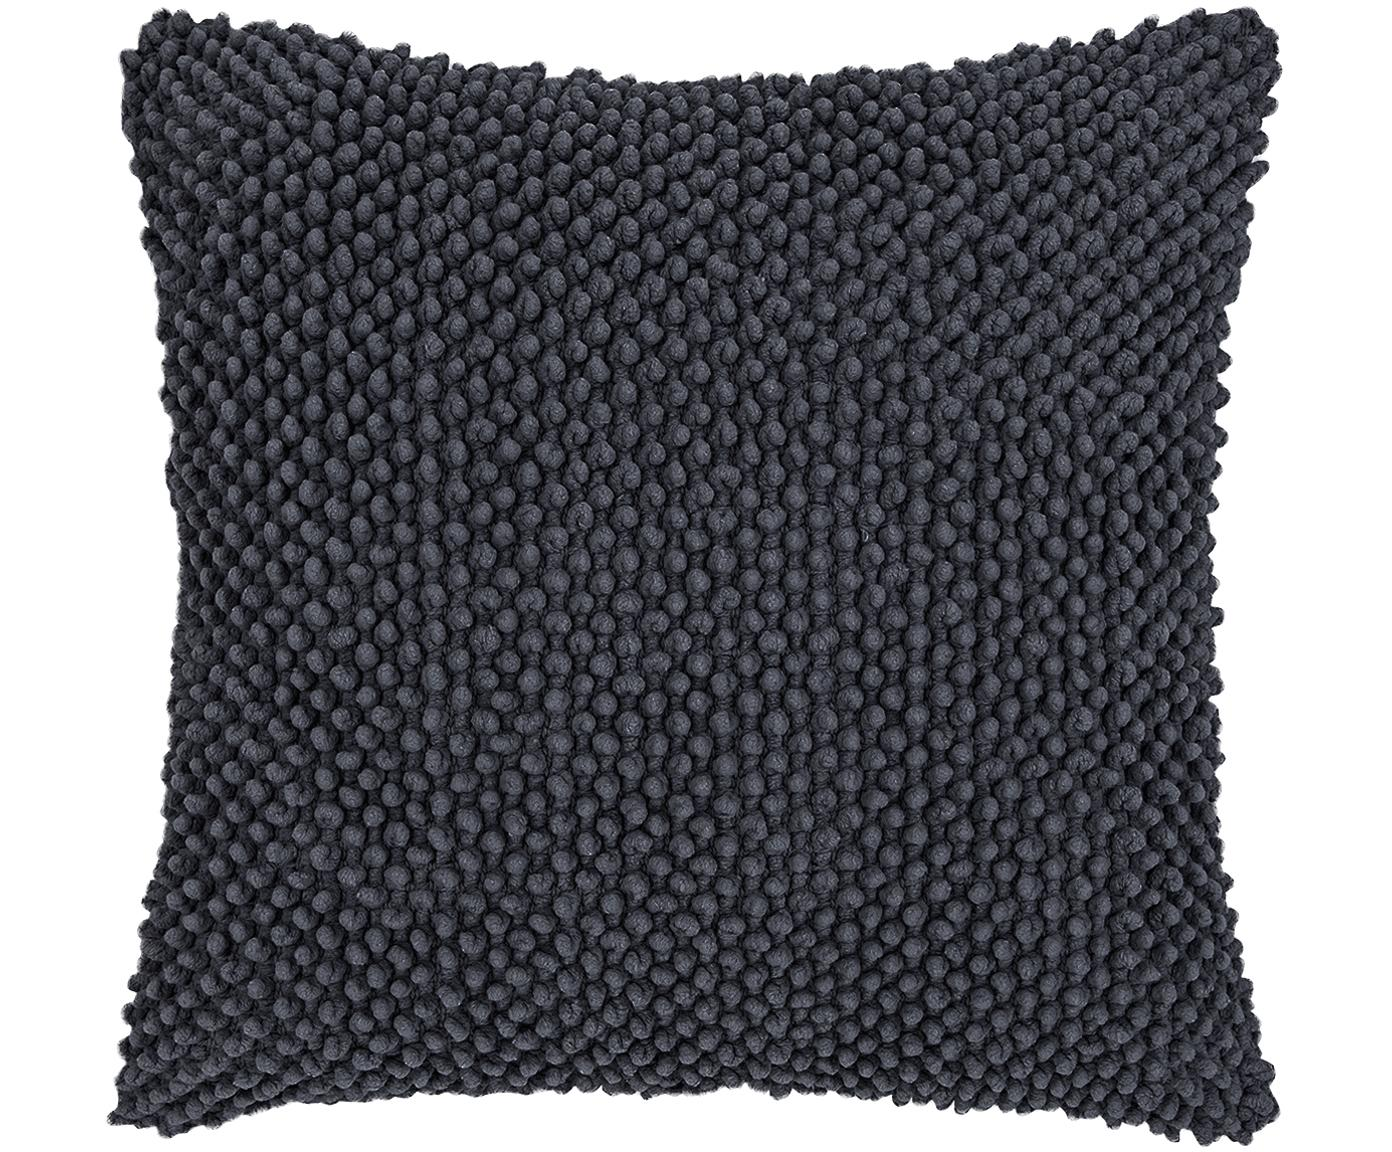 Kissenhülle Indi mit strukturierter Oberfläche, 100% Baumwolle, Dunkelgrau, 45 x 45 cm